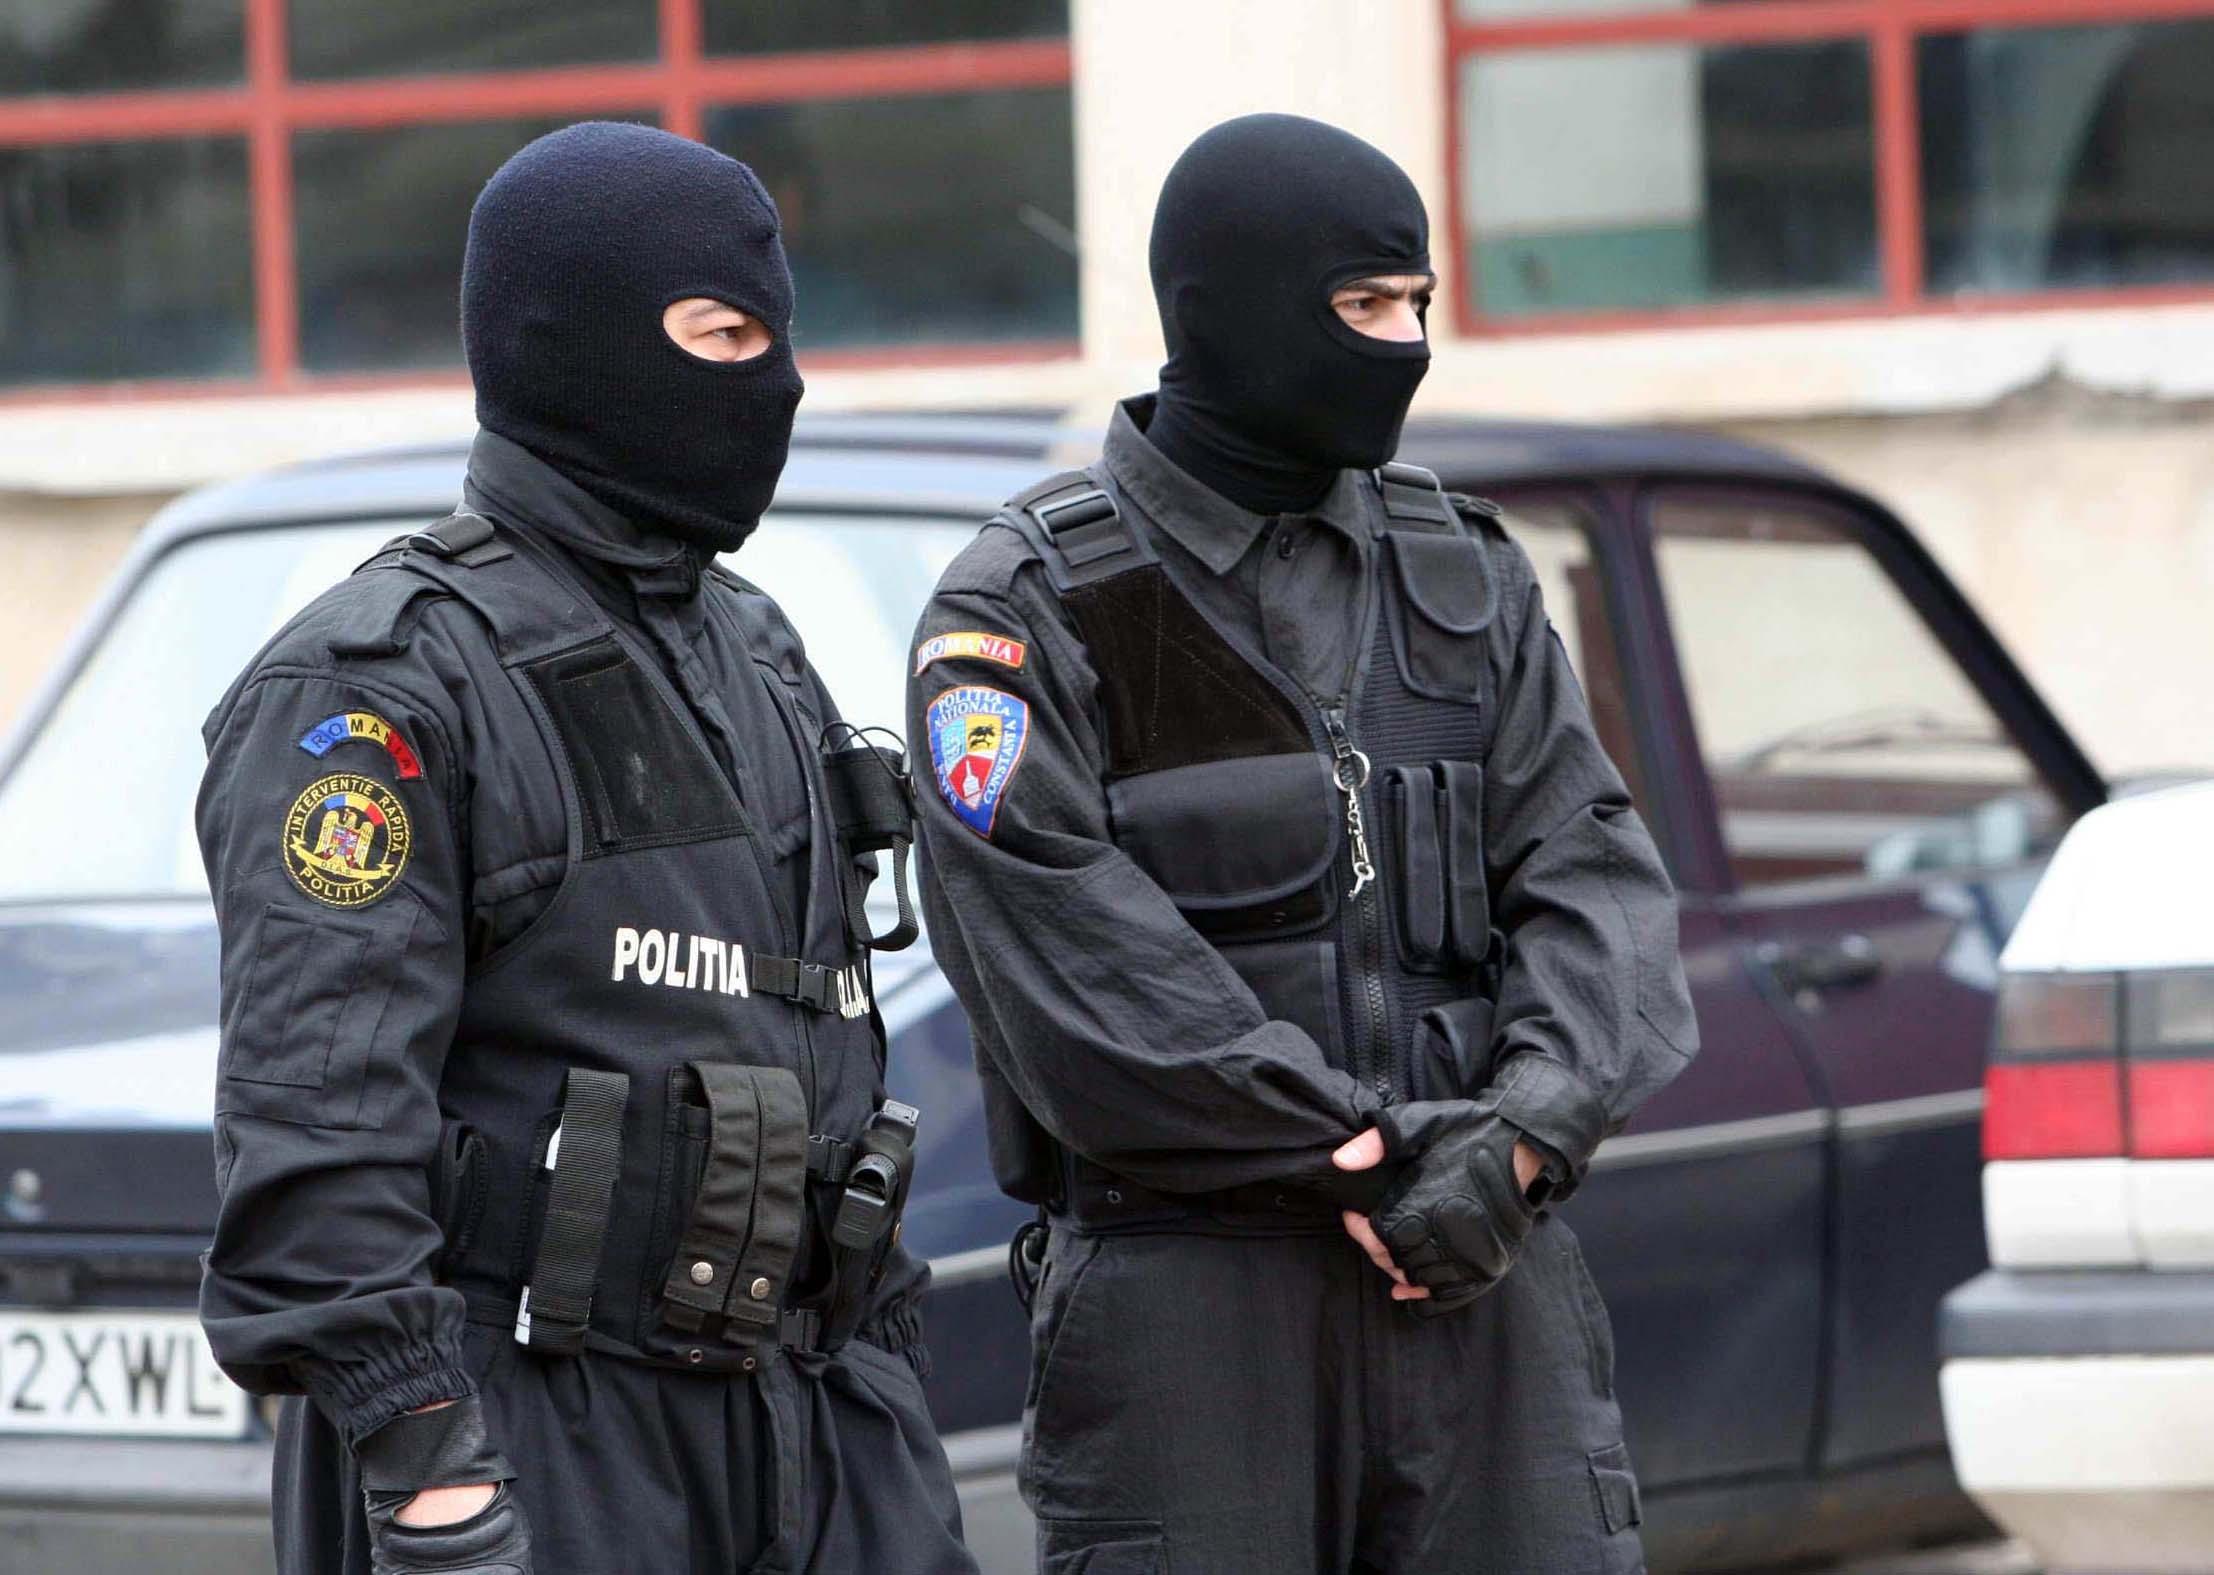 S-au dus să ridice un colet de la o firmă de curierat, dar au fost luați pe sus de polițiști. Acum s-au ales cu dosar penal pentru trafic de droguri